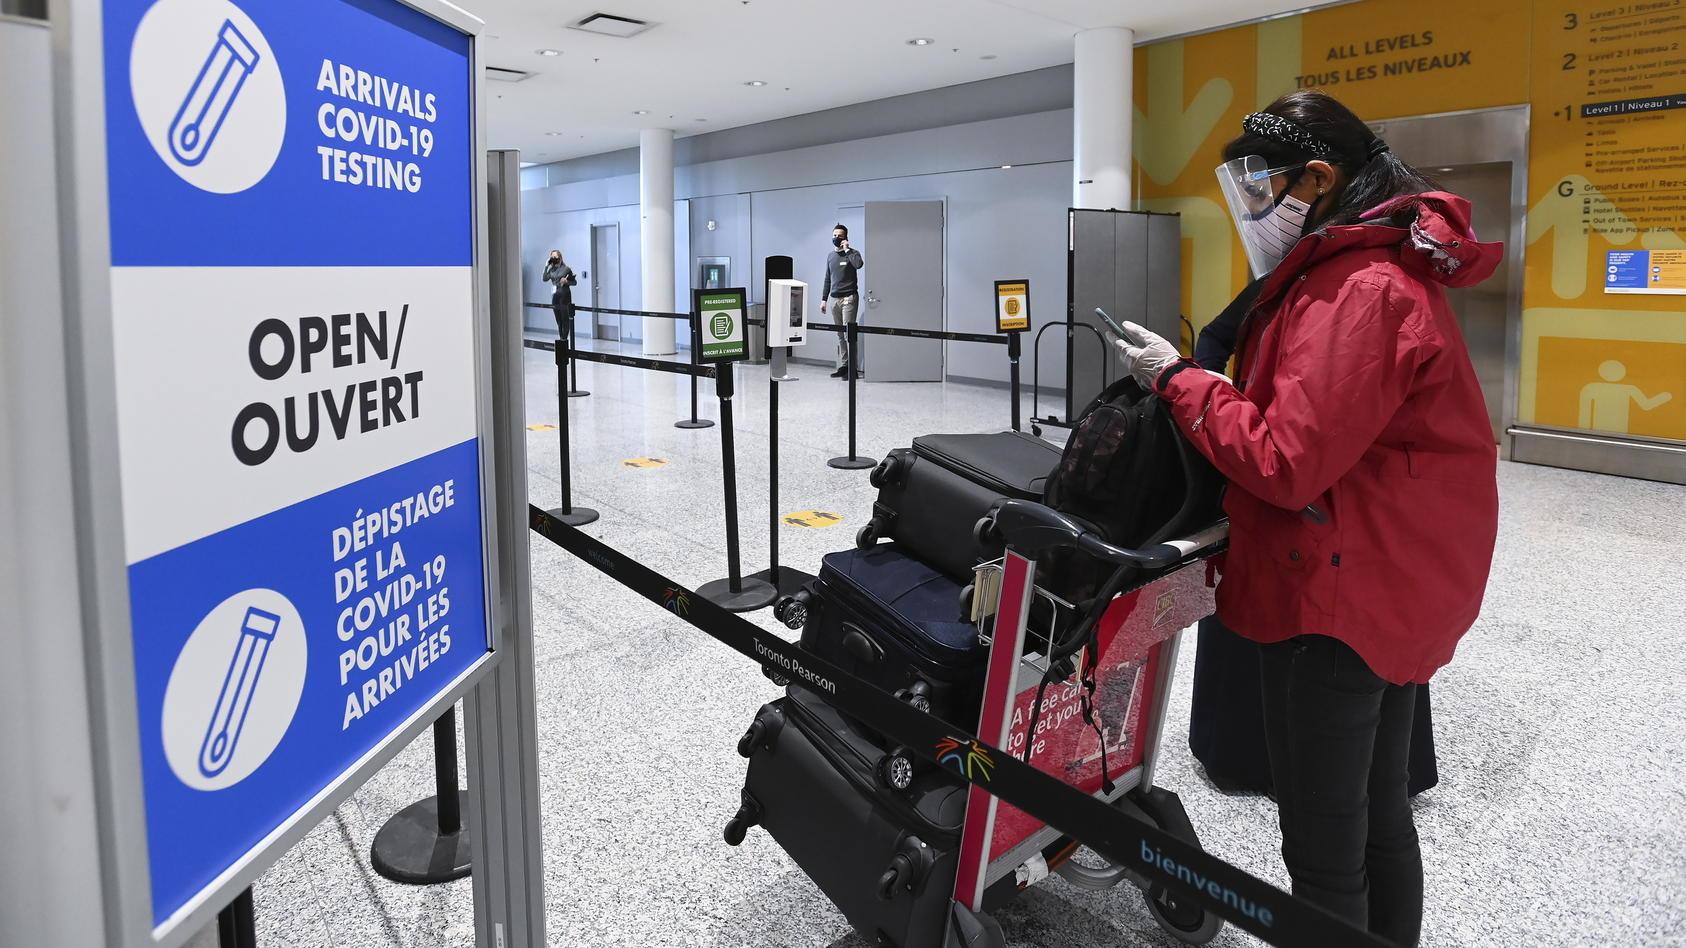 Am Flughafen in Toronto wurden Reisende mit gefälschten Impfpässen erwischt.